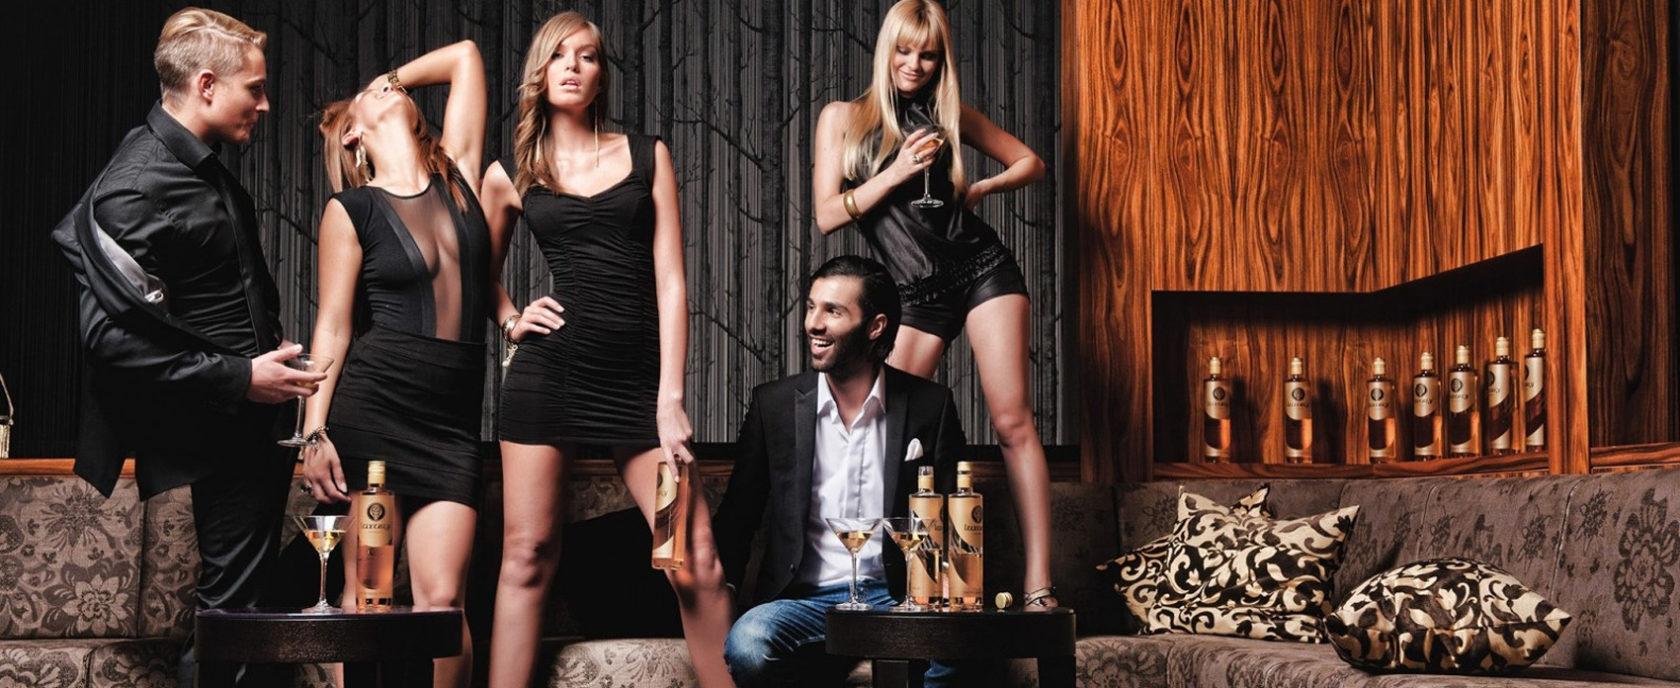 Le escort Milano sono donne splendide, disponibili per incontri a Milano e in tutta la Lombardia. Magica Escort